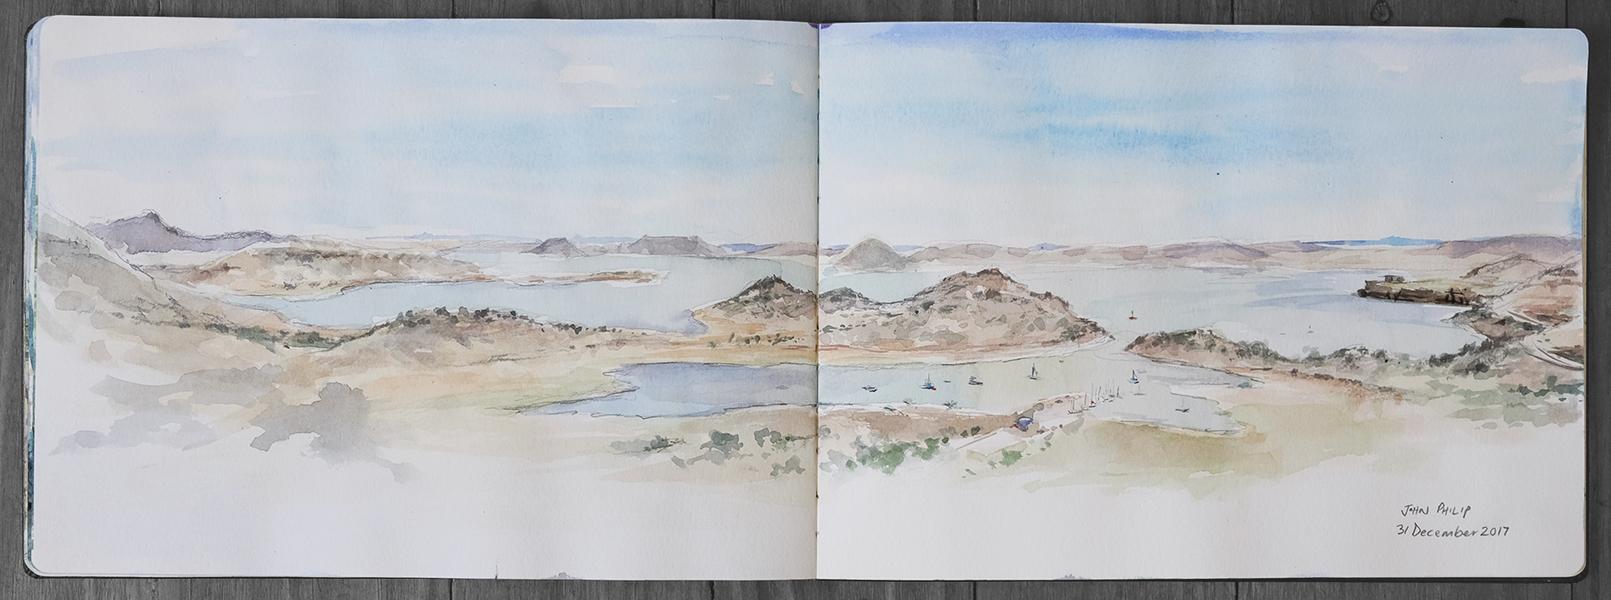 Gariep Dam Watercolour Painting By John Philip